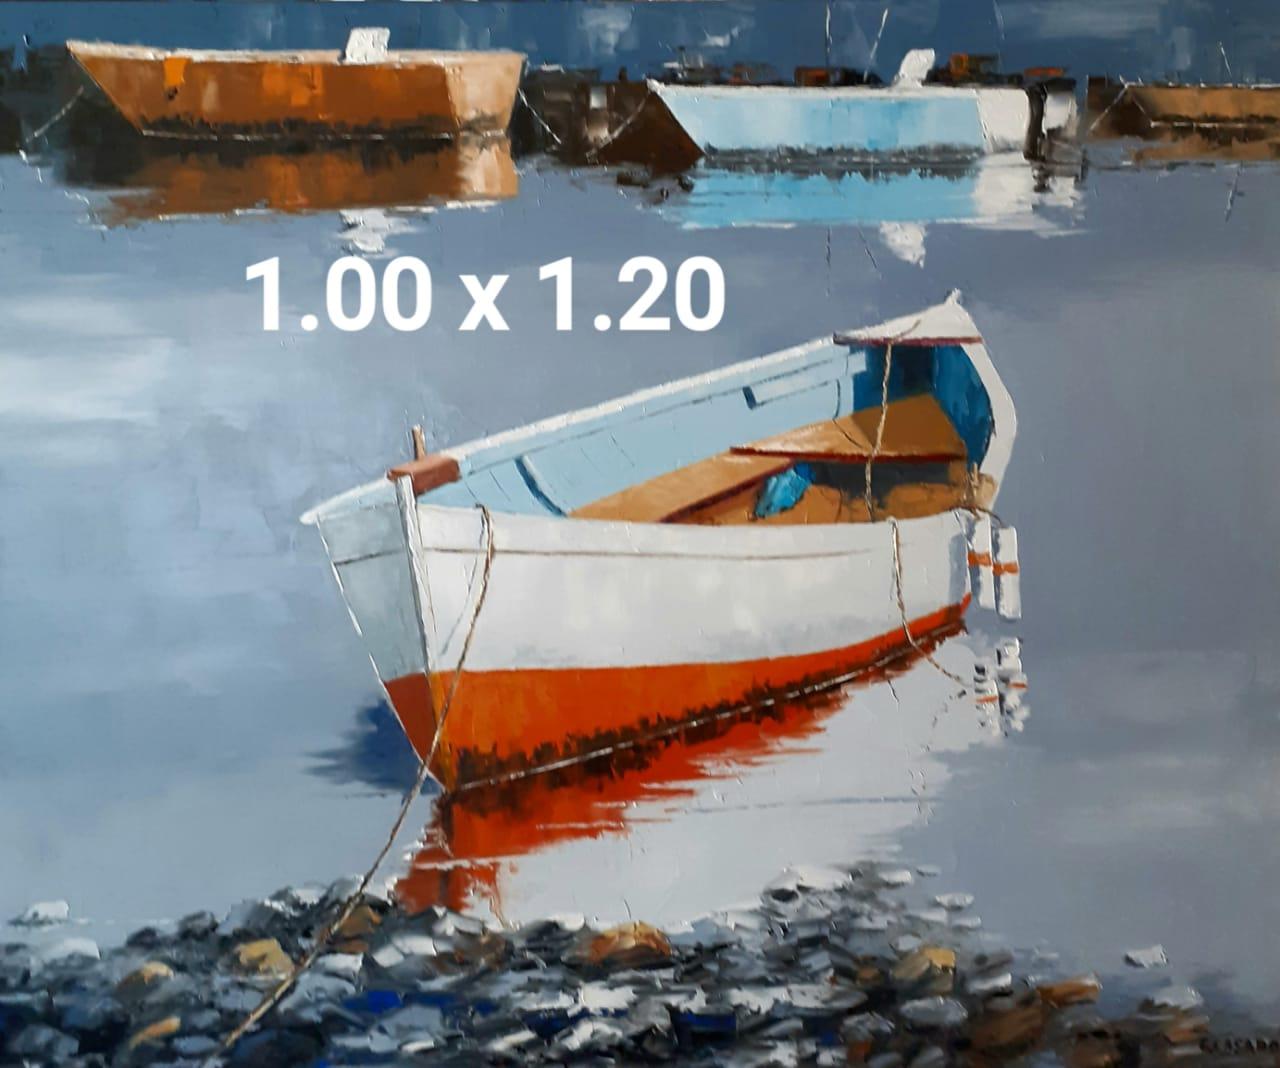 cores-no-mar-0013100-x-120-018